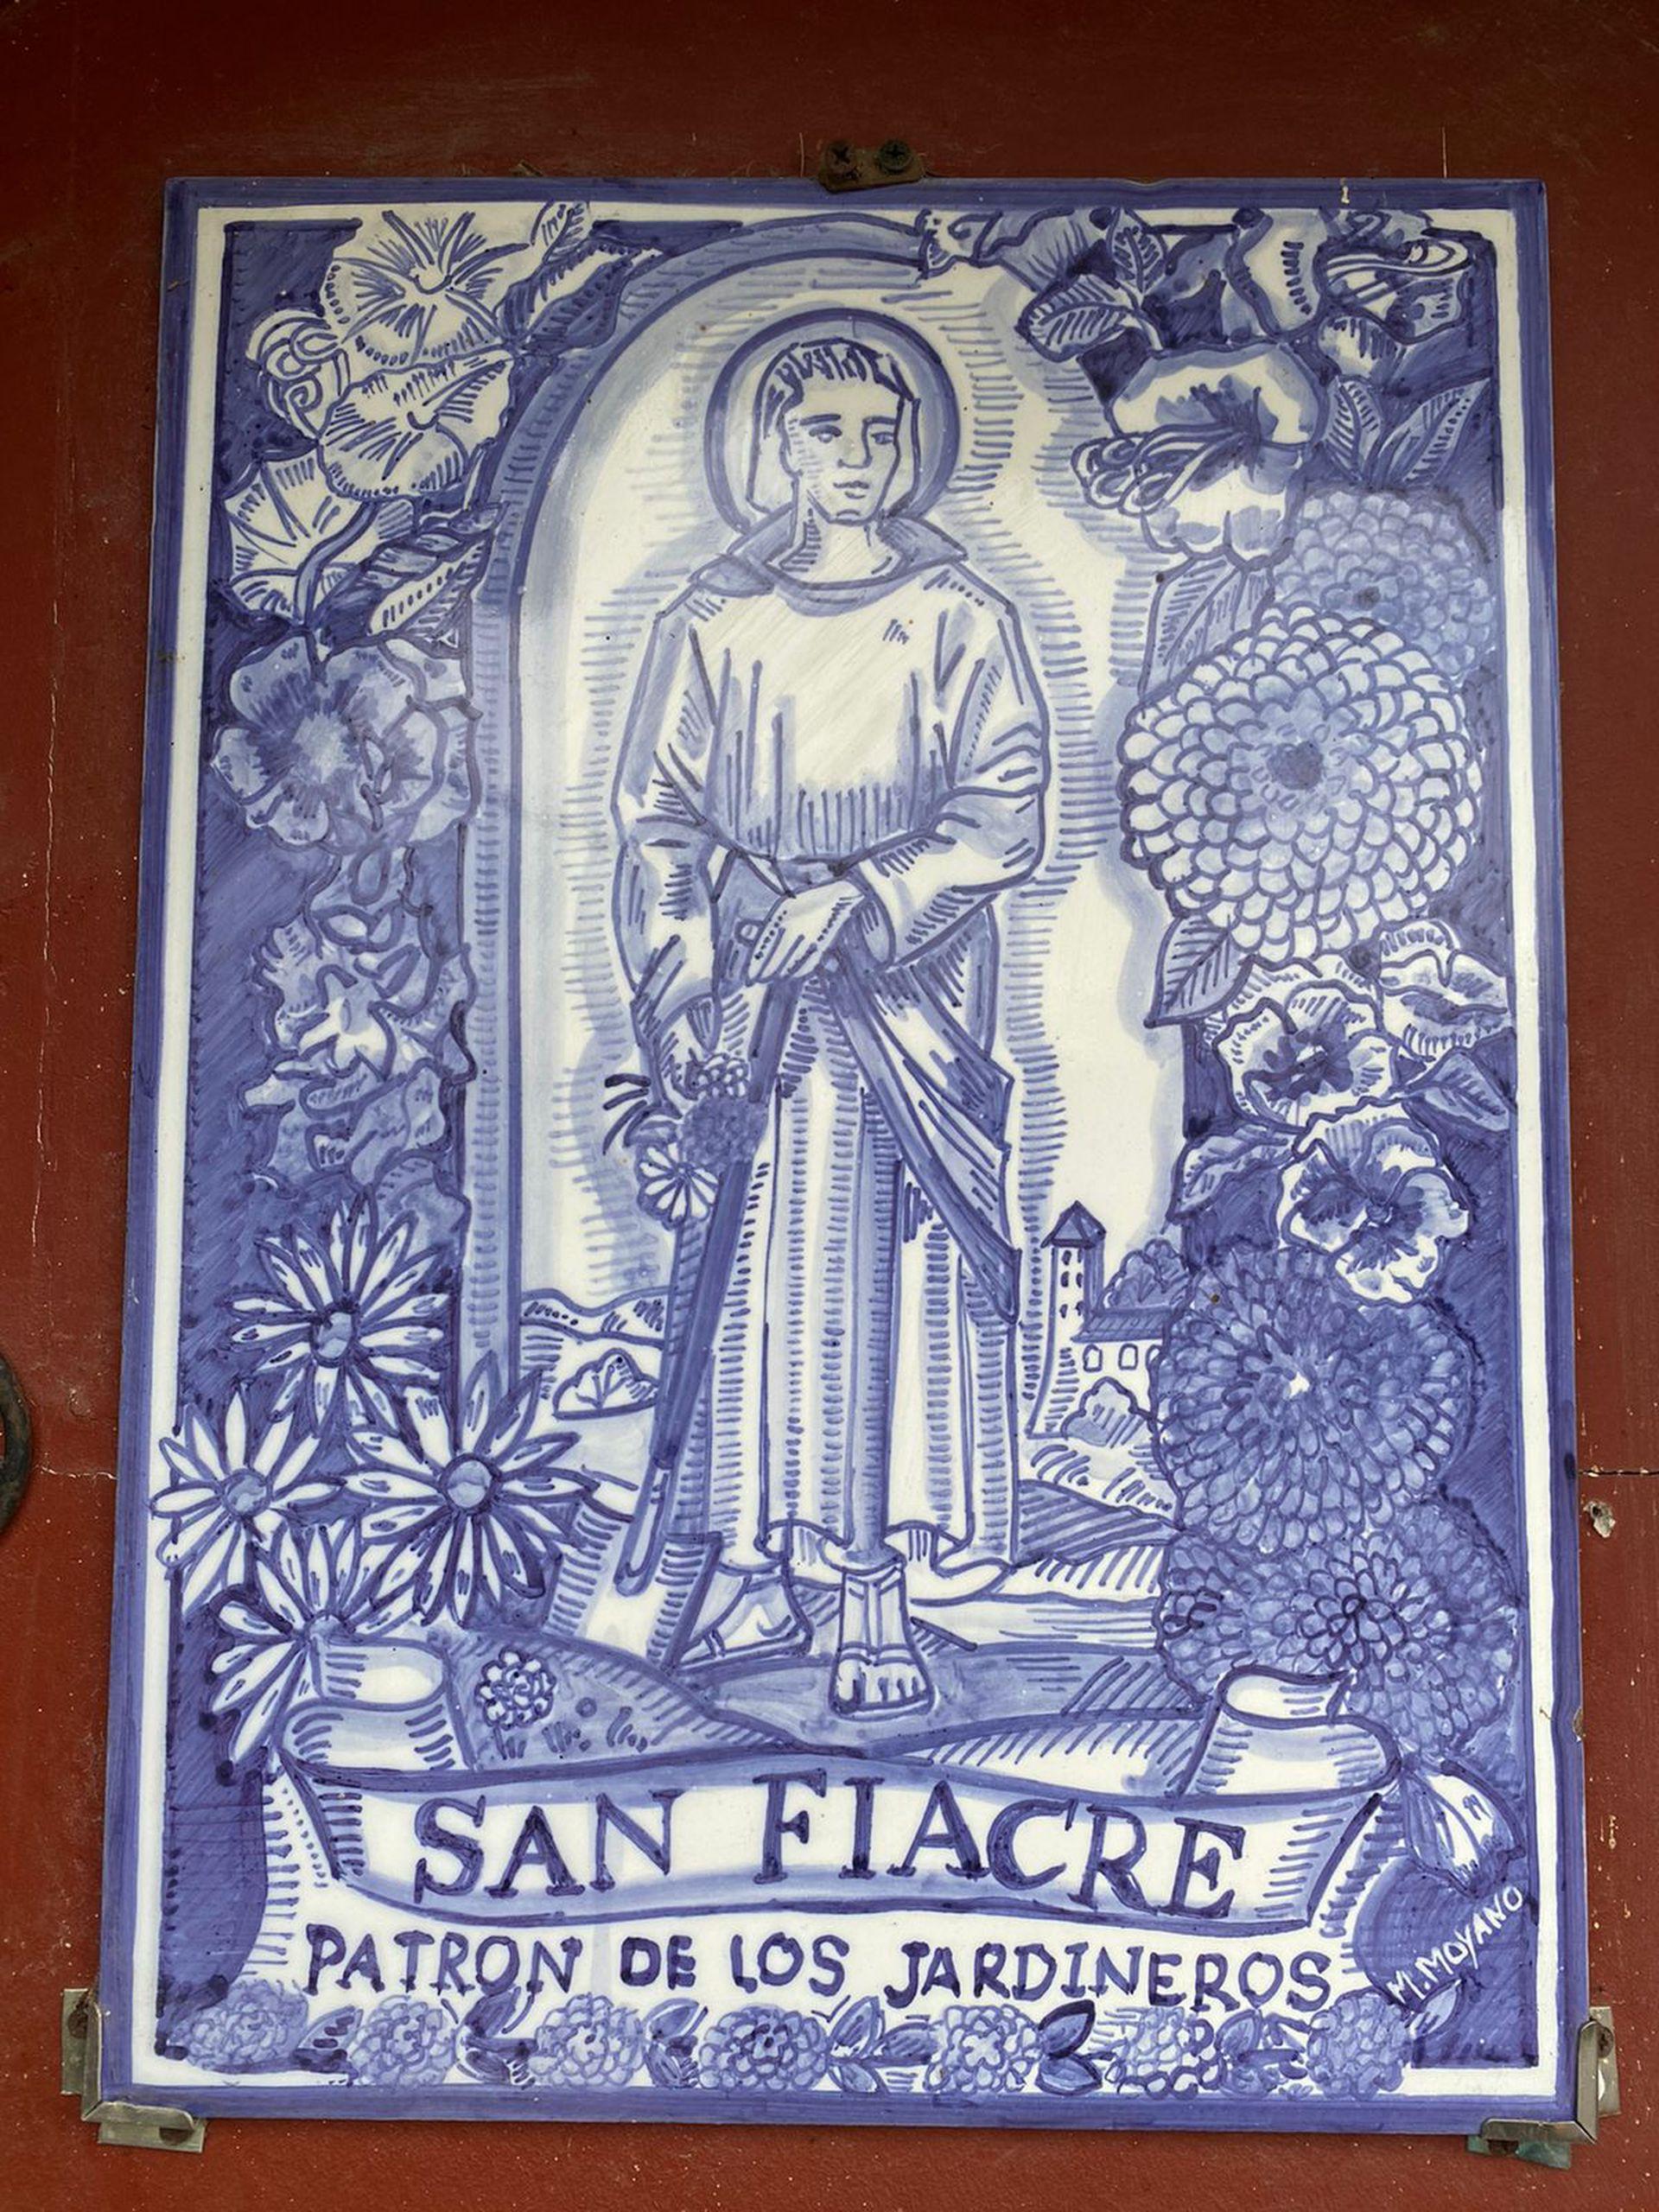 Muchos amantes de la jardinería le rinden homenaje a San Fiacre en sus jardines con mosaicos o estatuillas. En este caso, se trata de una cerámica pintada que atesora la jardinera y paisajista Sofía Diharce.